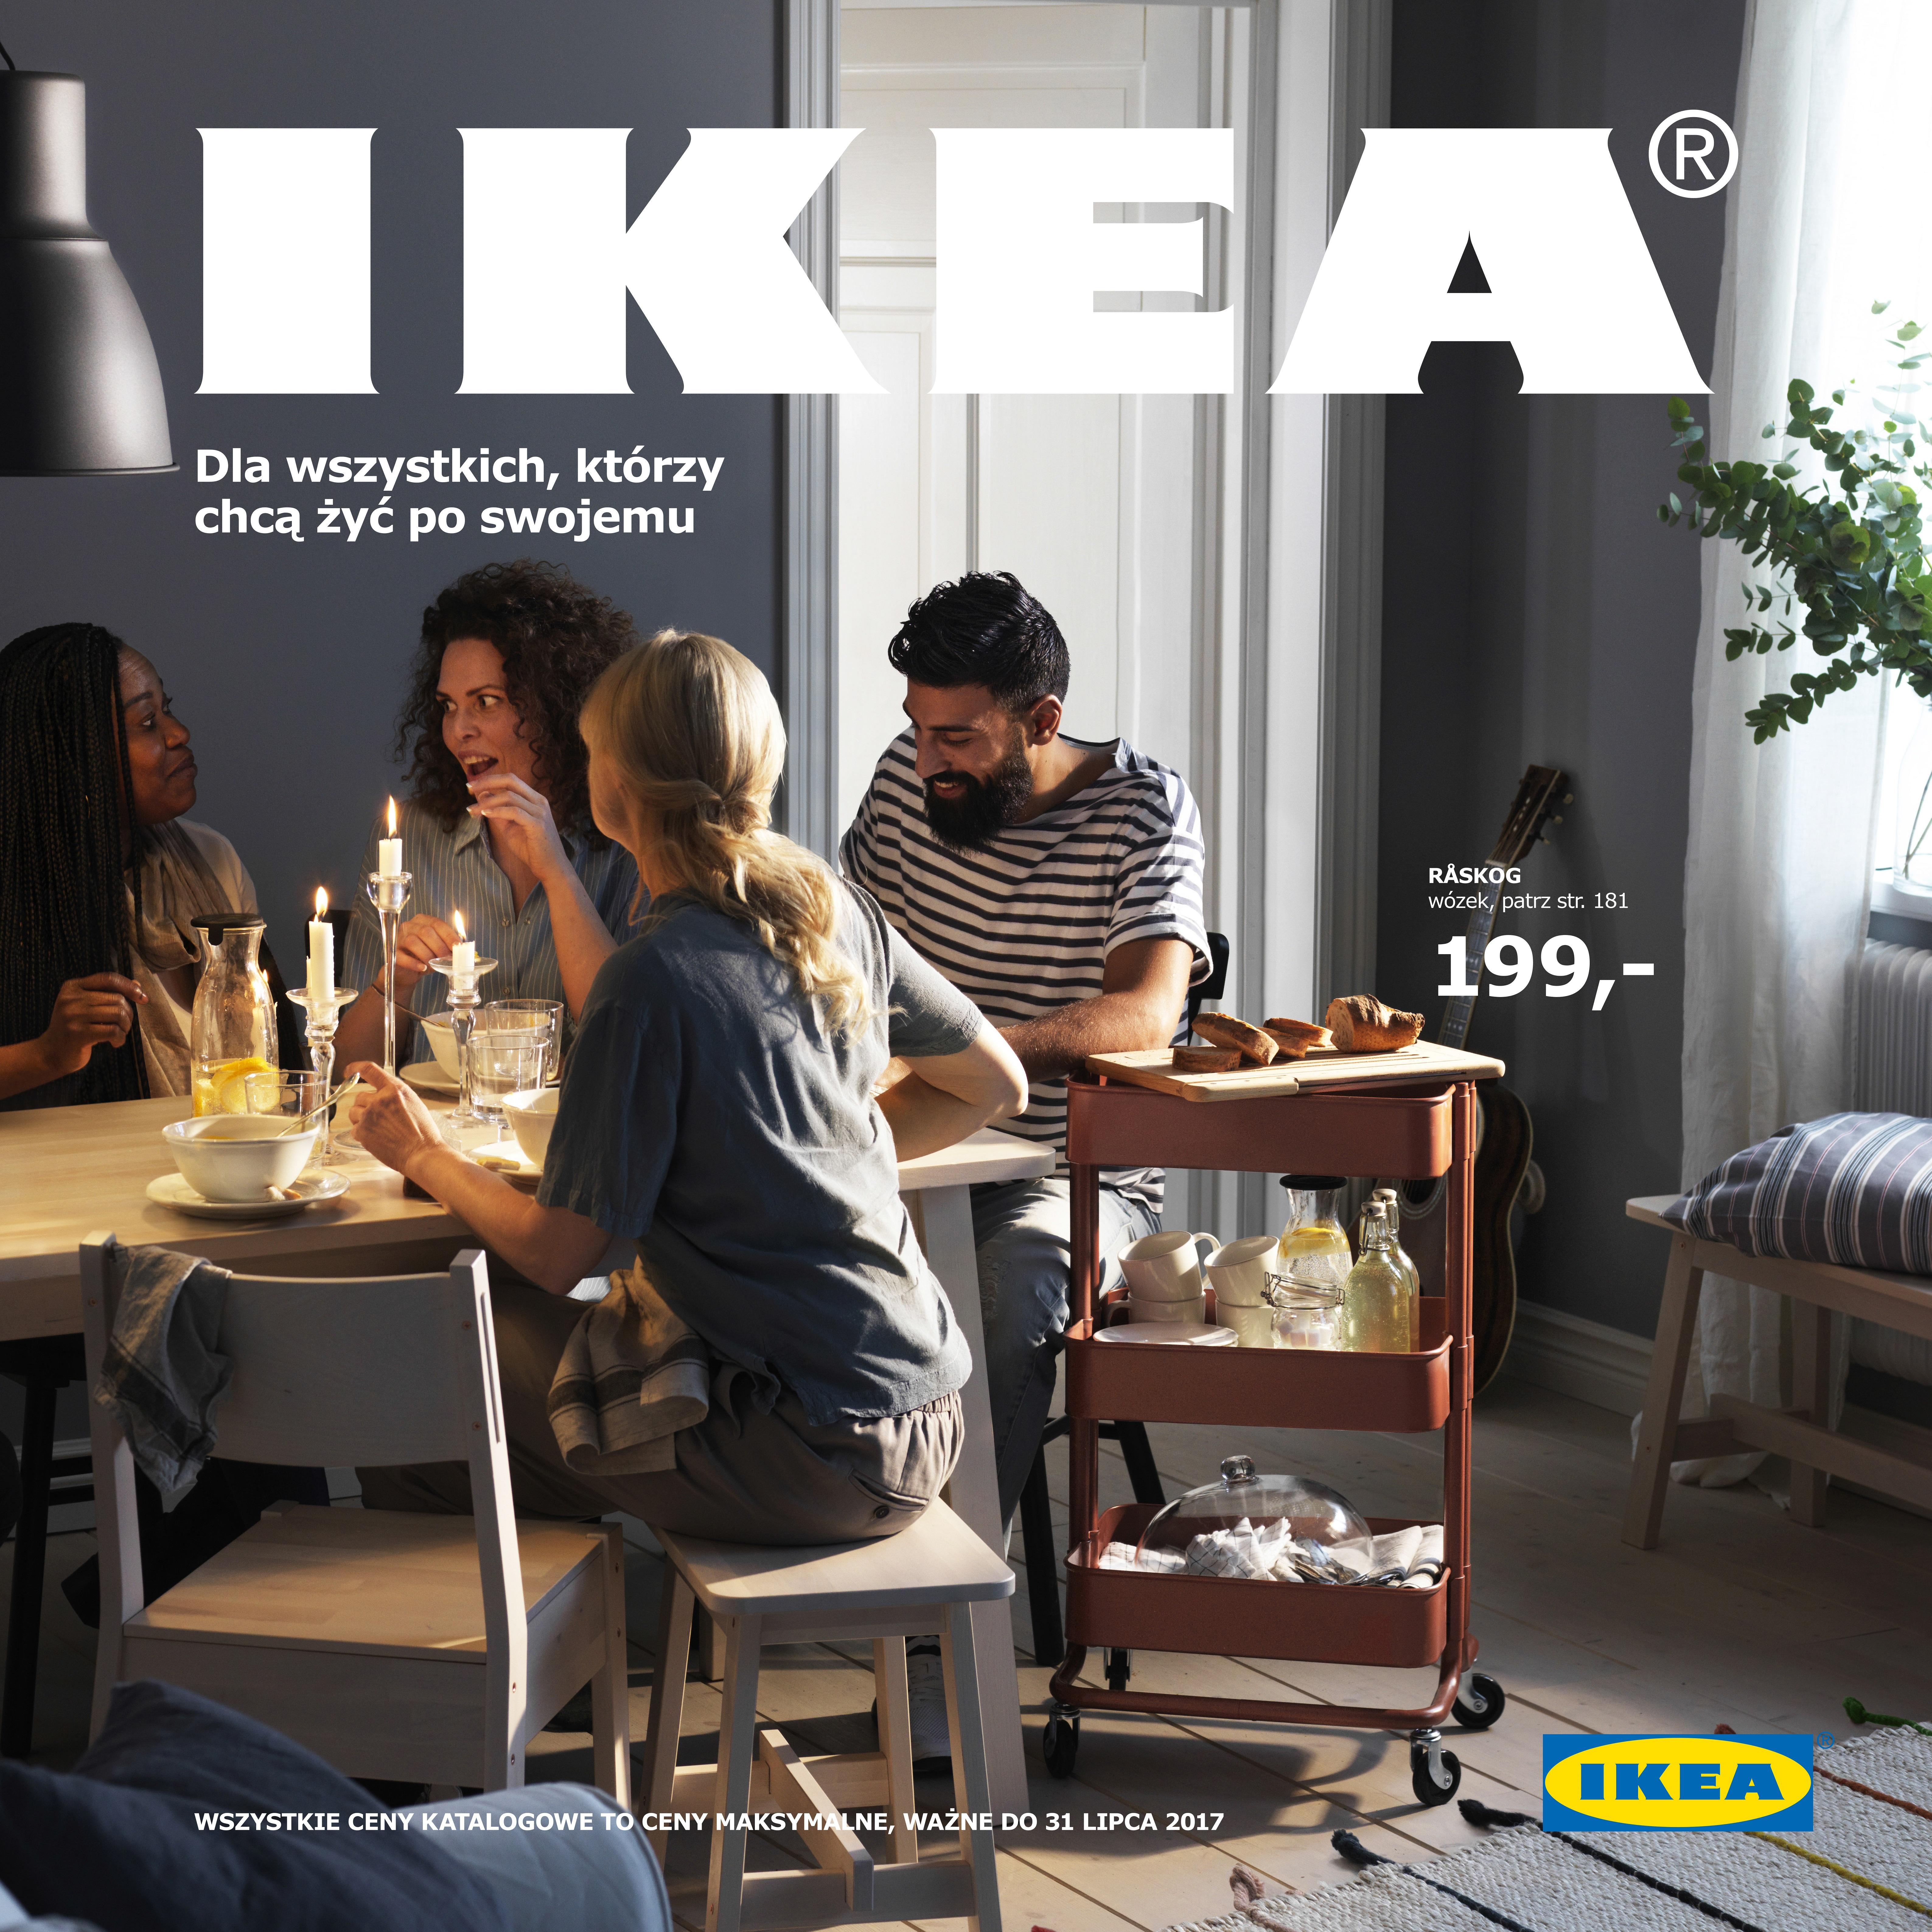 katalog ikea 2017 dla wszystkich kt rzy chc y po swojemu biuro prasowe ikea. Black Bedroom Furniture Sets. Home Design Ideas